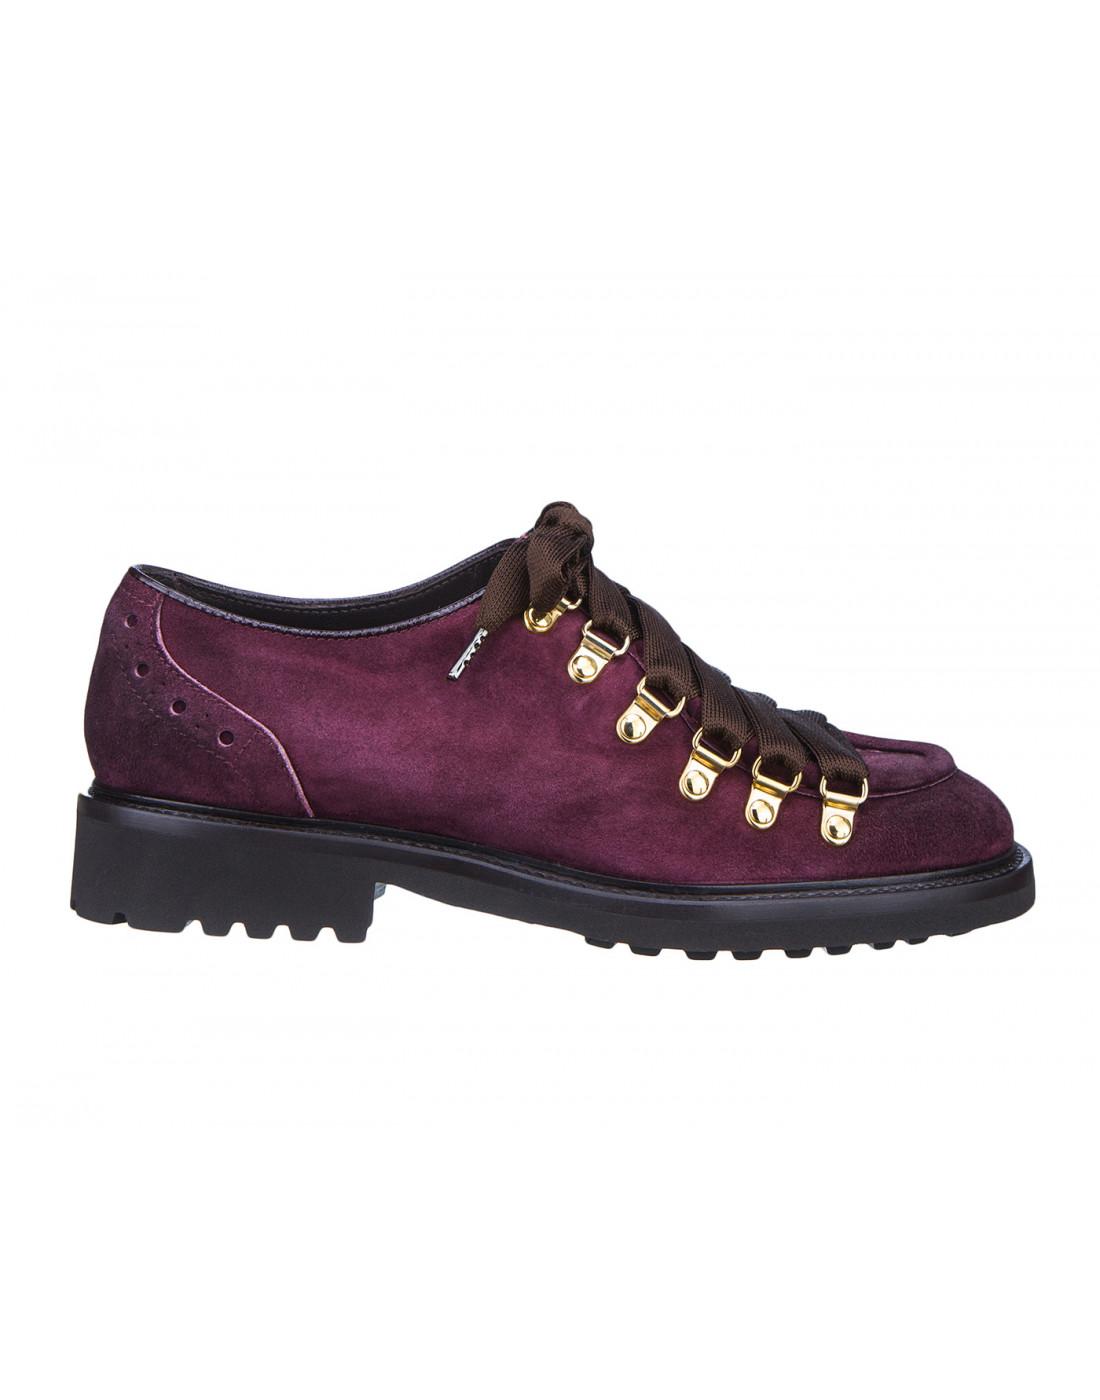 Туфли бордовые женские Doucal's SD8276-1